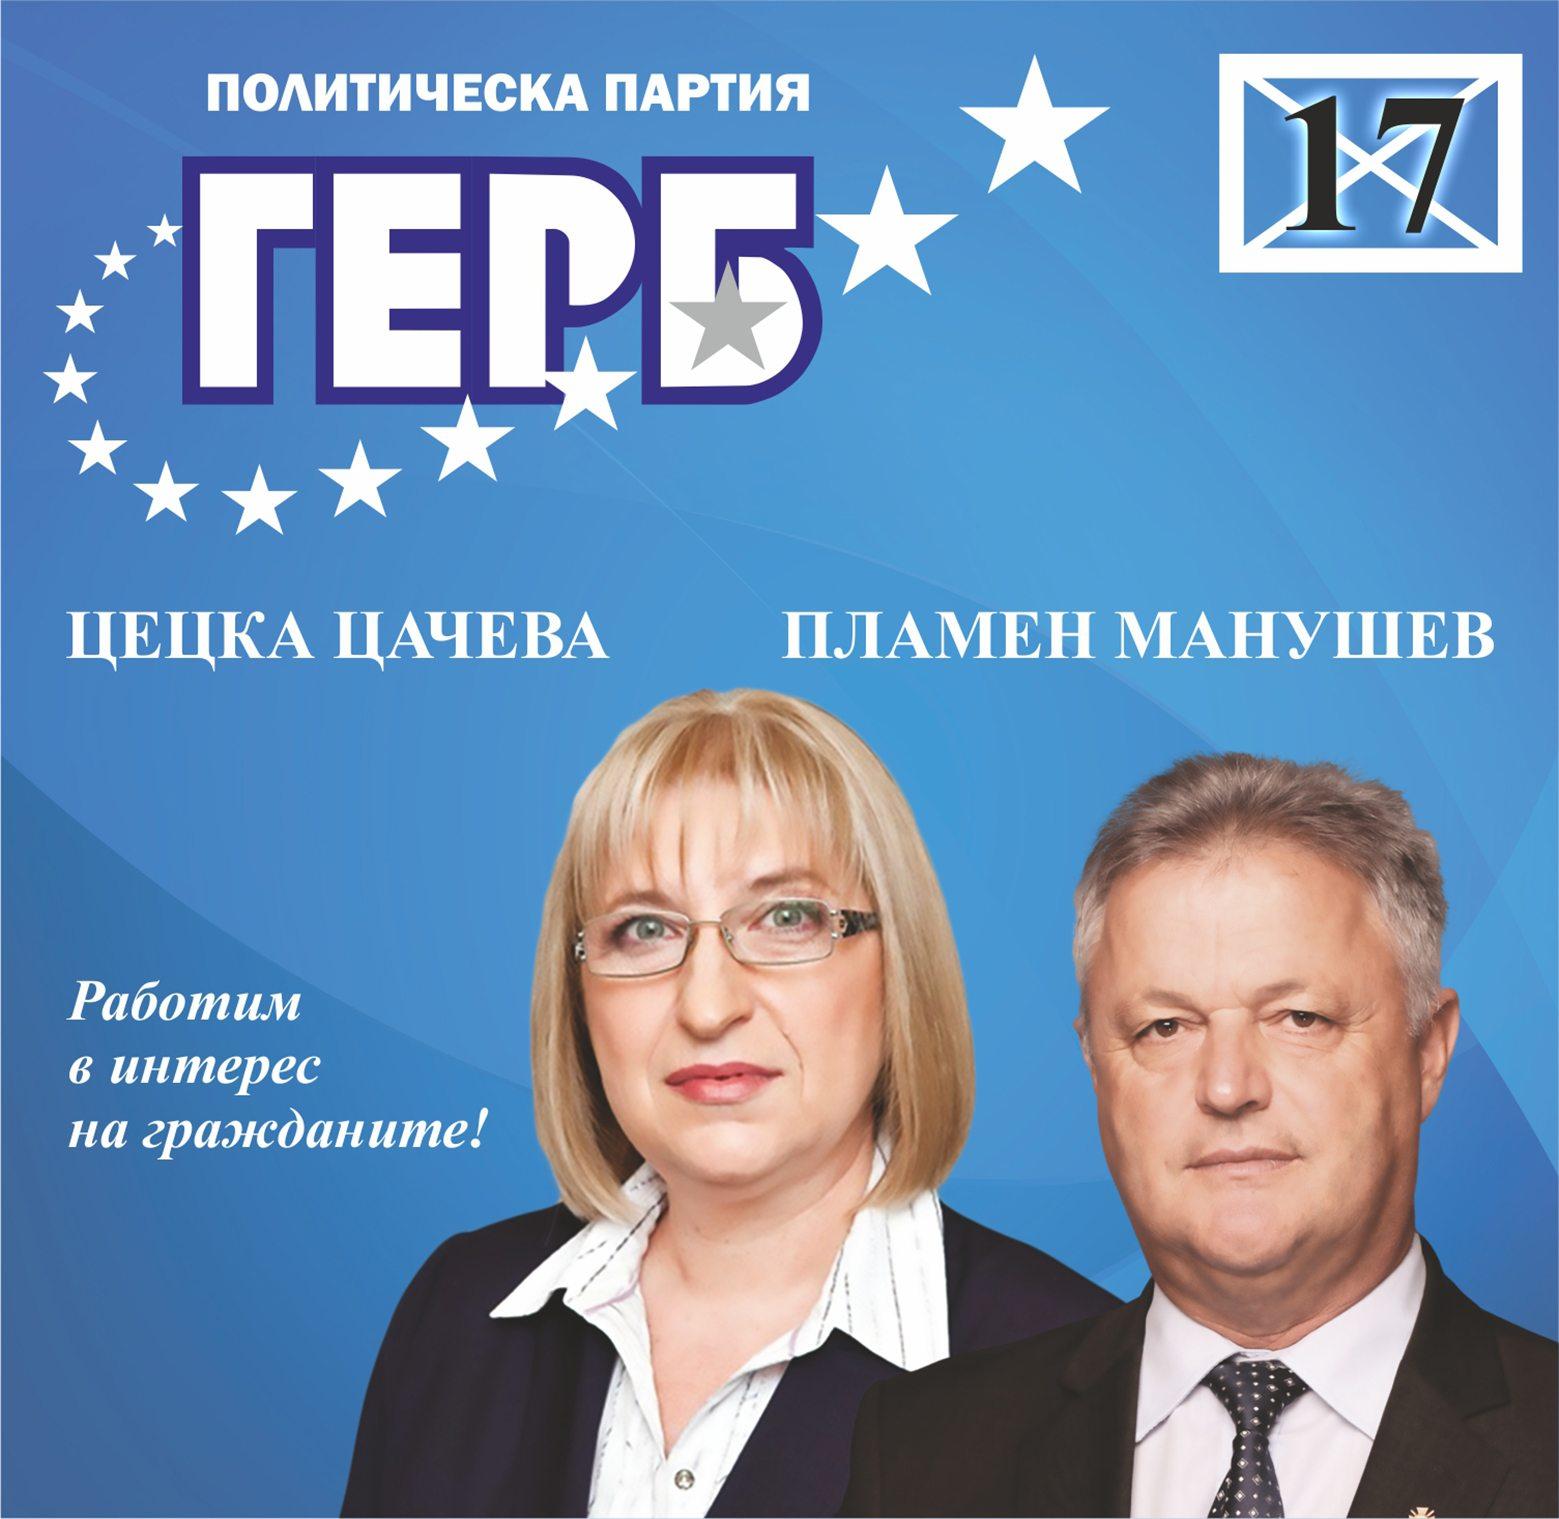 gerb-tsacheva